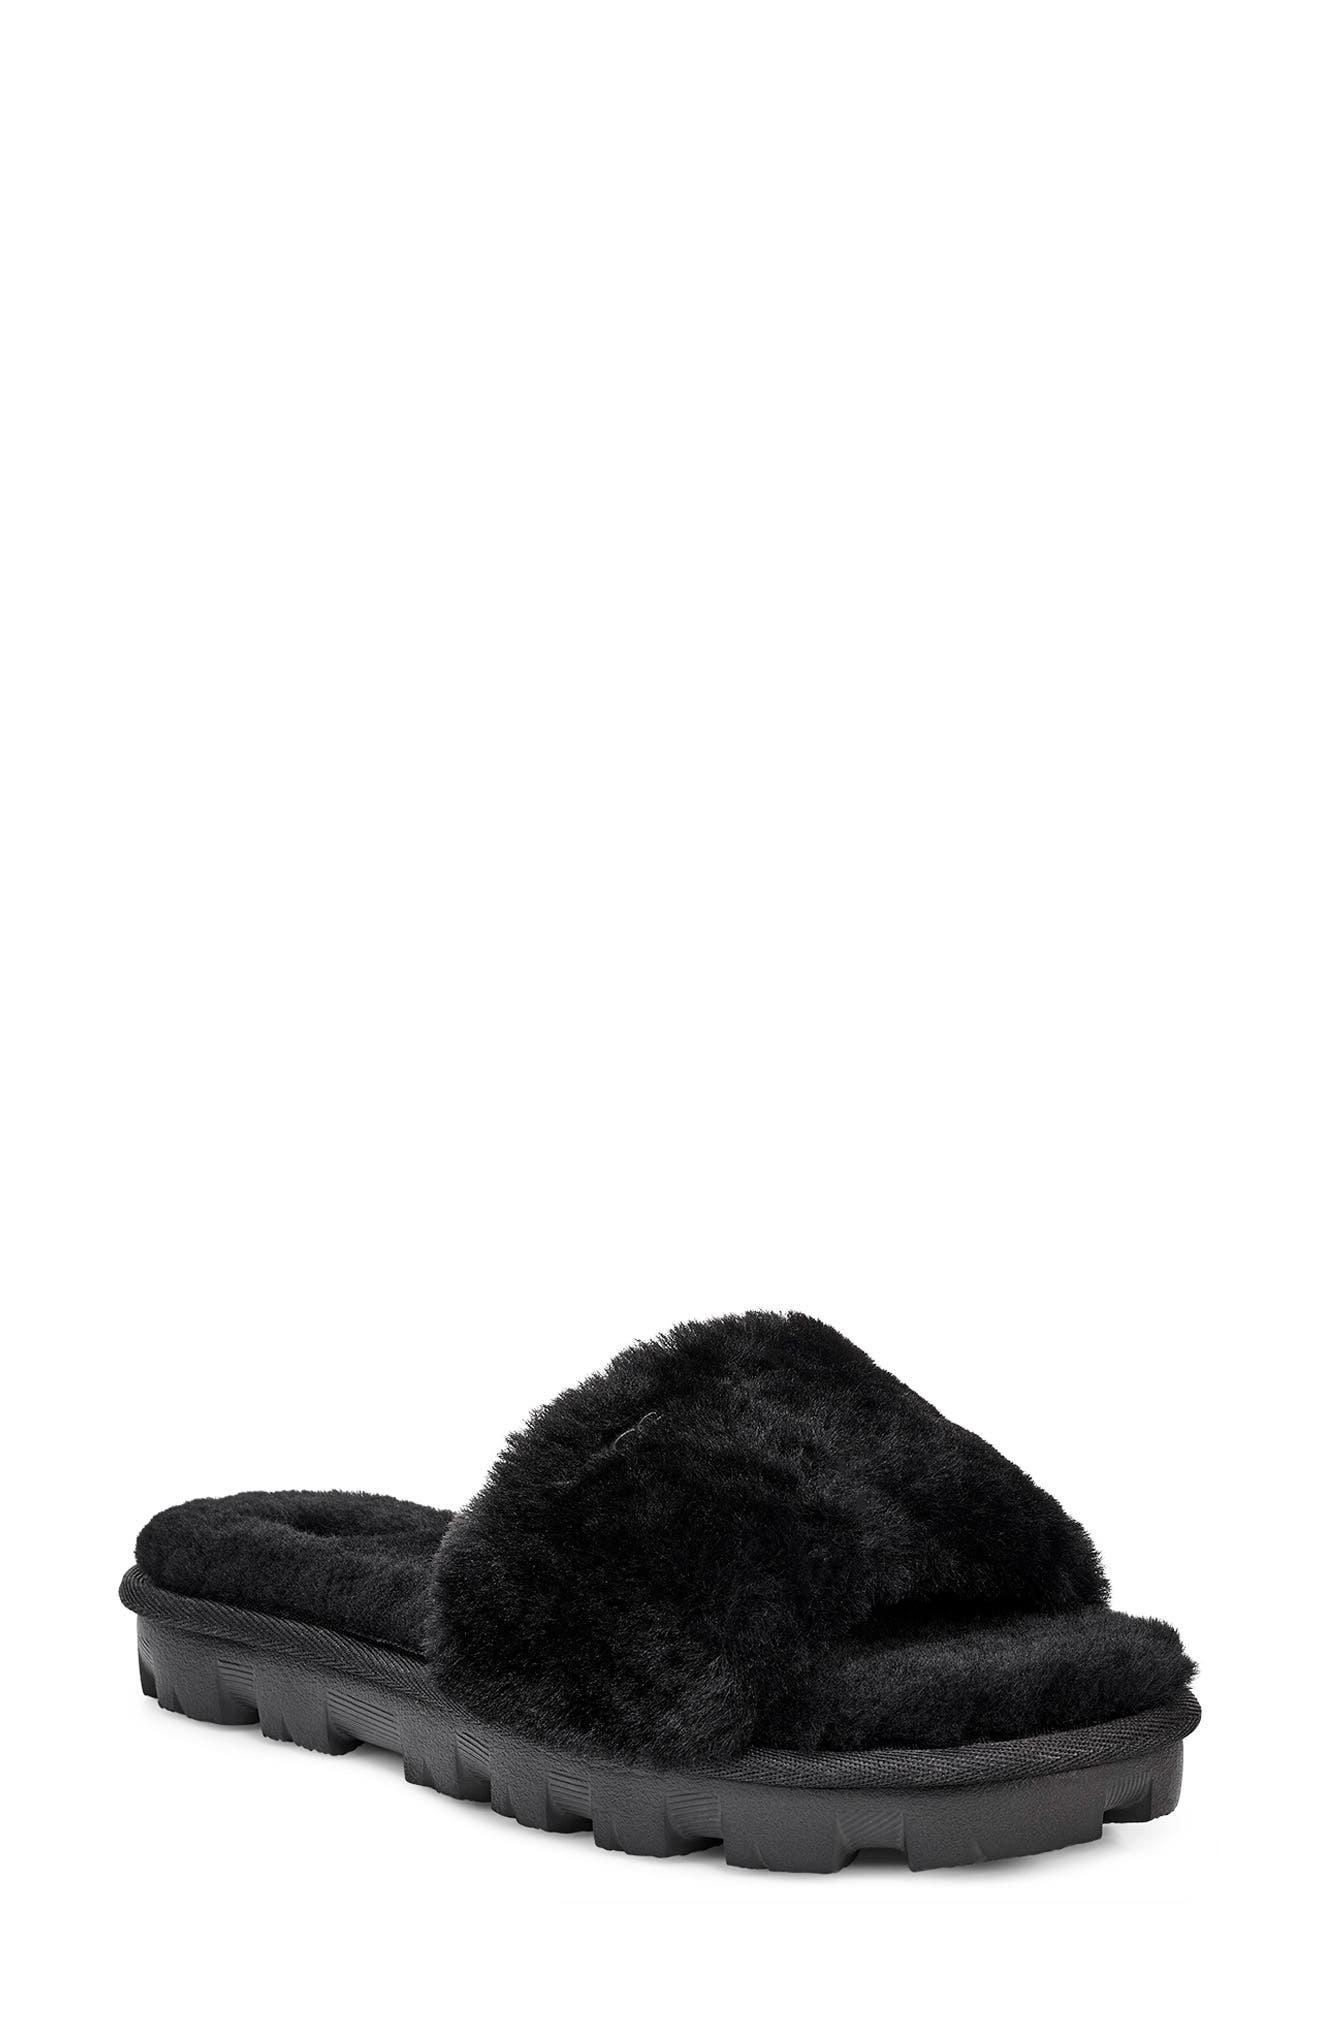 Cosette Genuine Shearling Slipper, Main, color, BLACK